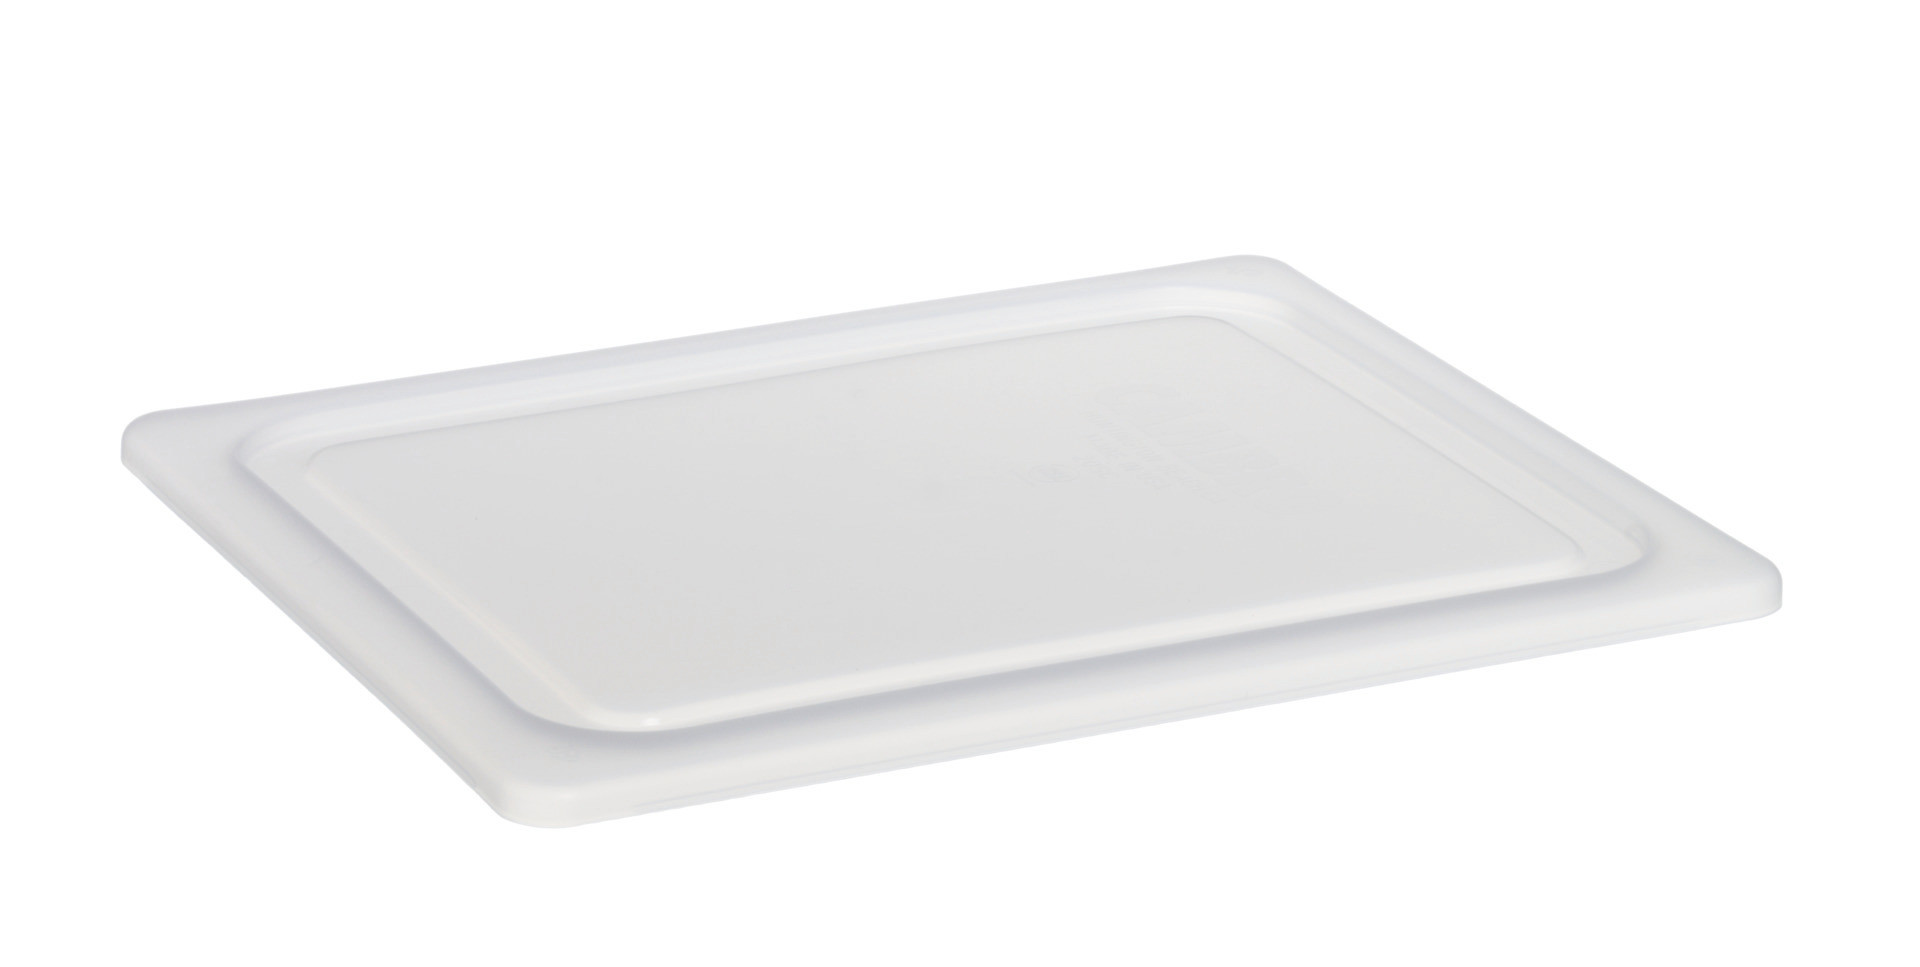 Luftdichter Deckel, GN 1/9, weiß, für Frischhalteboxen + GN-Beh. Polycarbonat